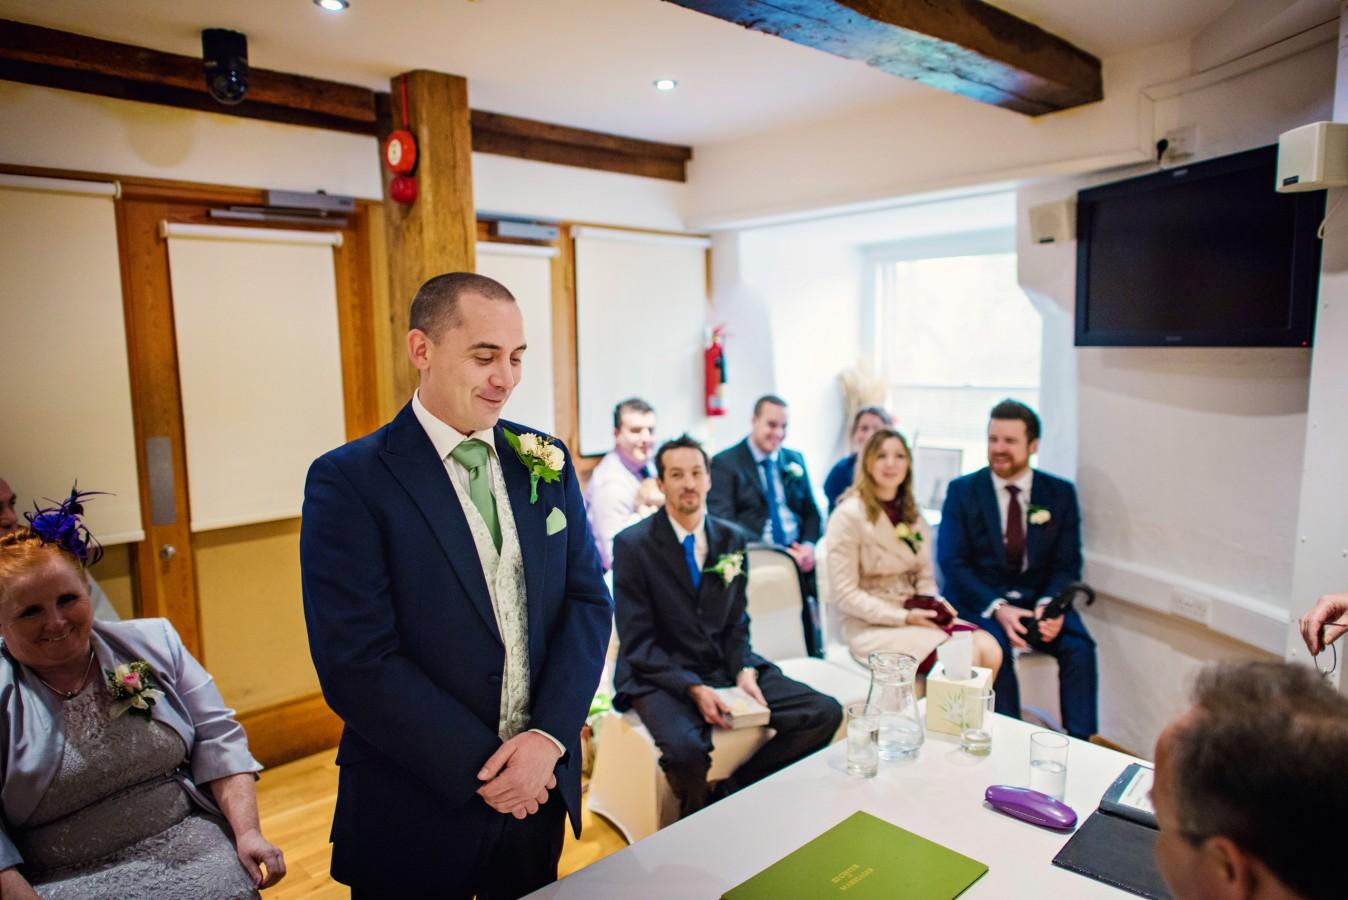 Hampshire Wedding Photographer - GK Photography-255